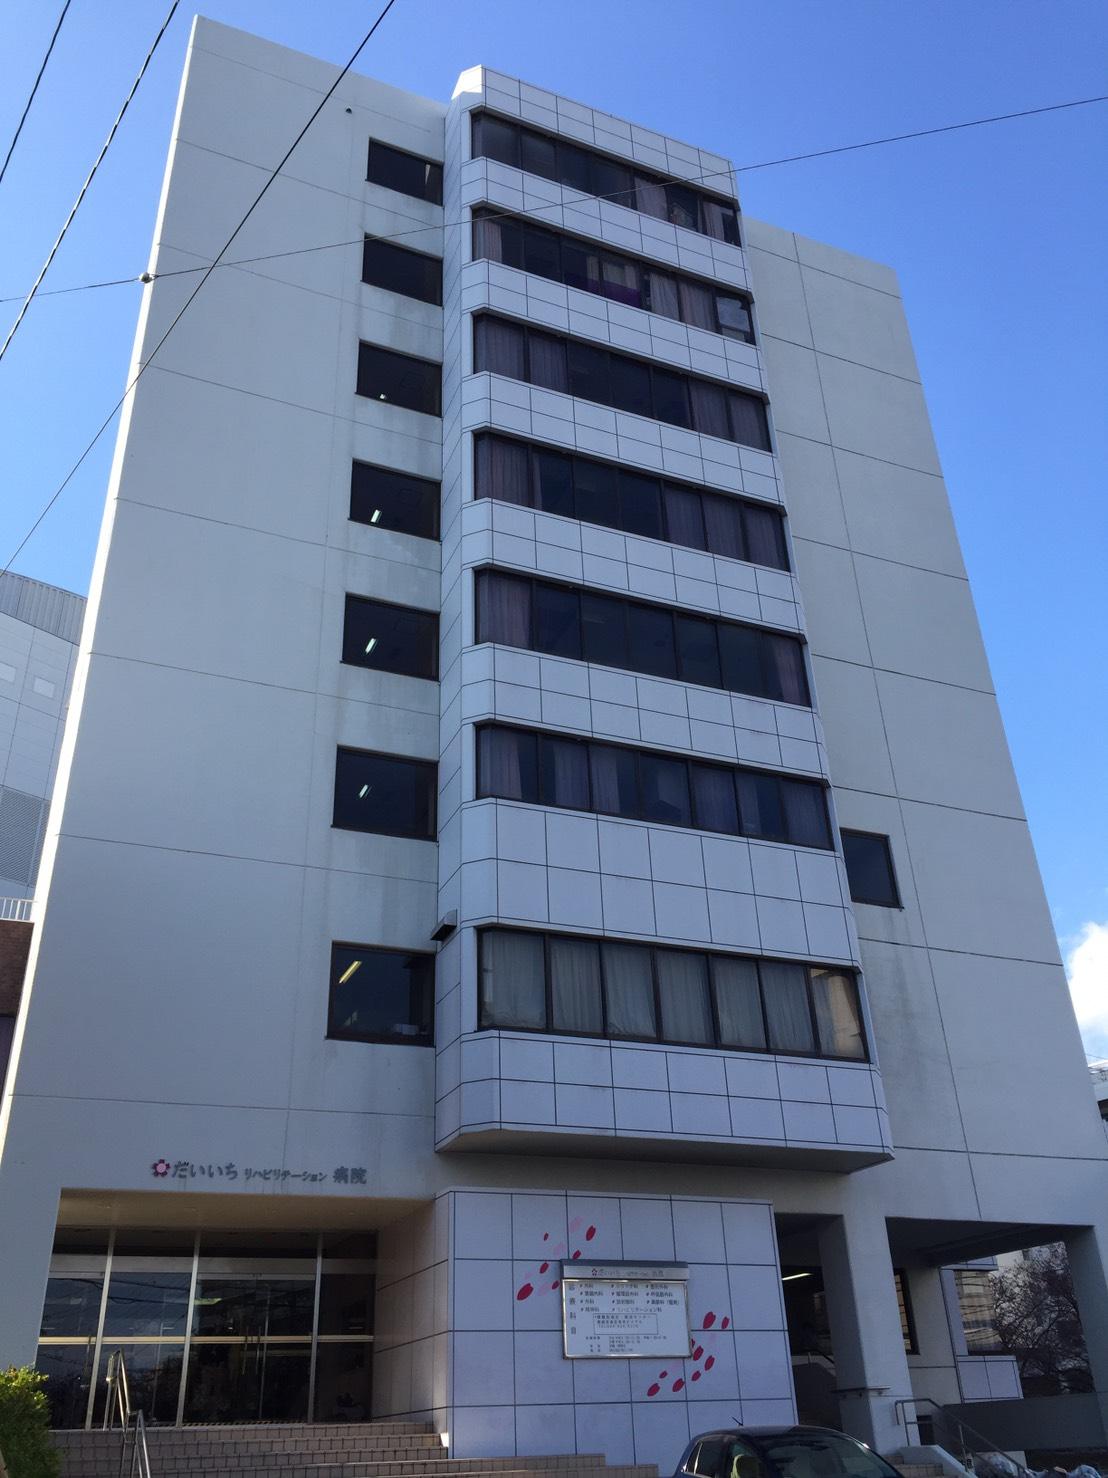 だいいちリハビリテーション病院の写真1